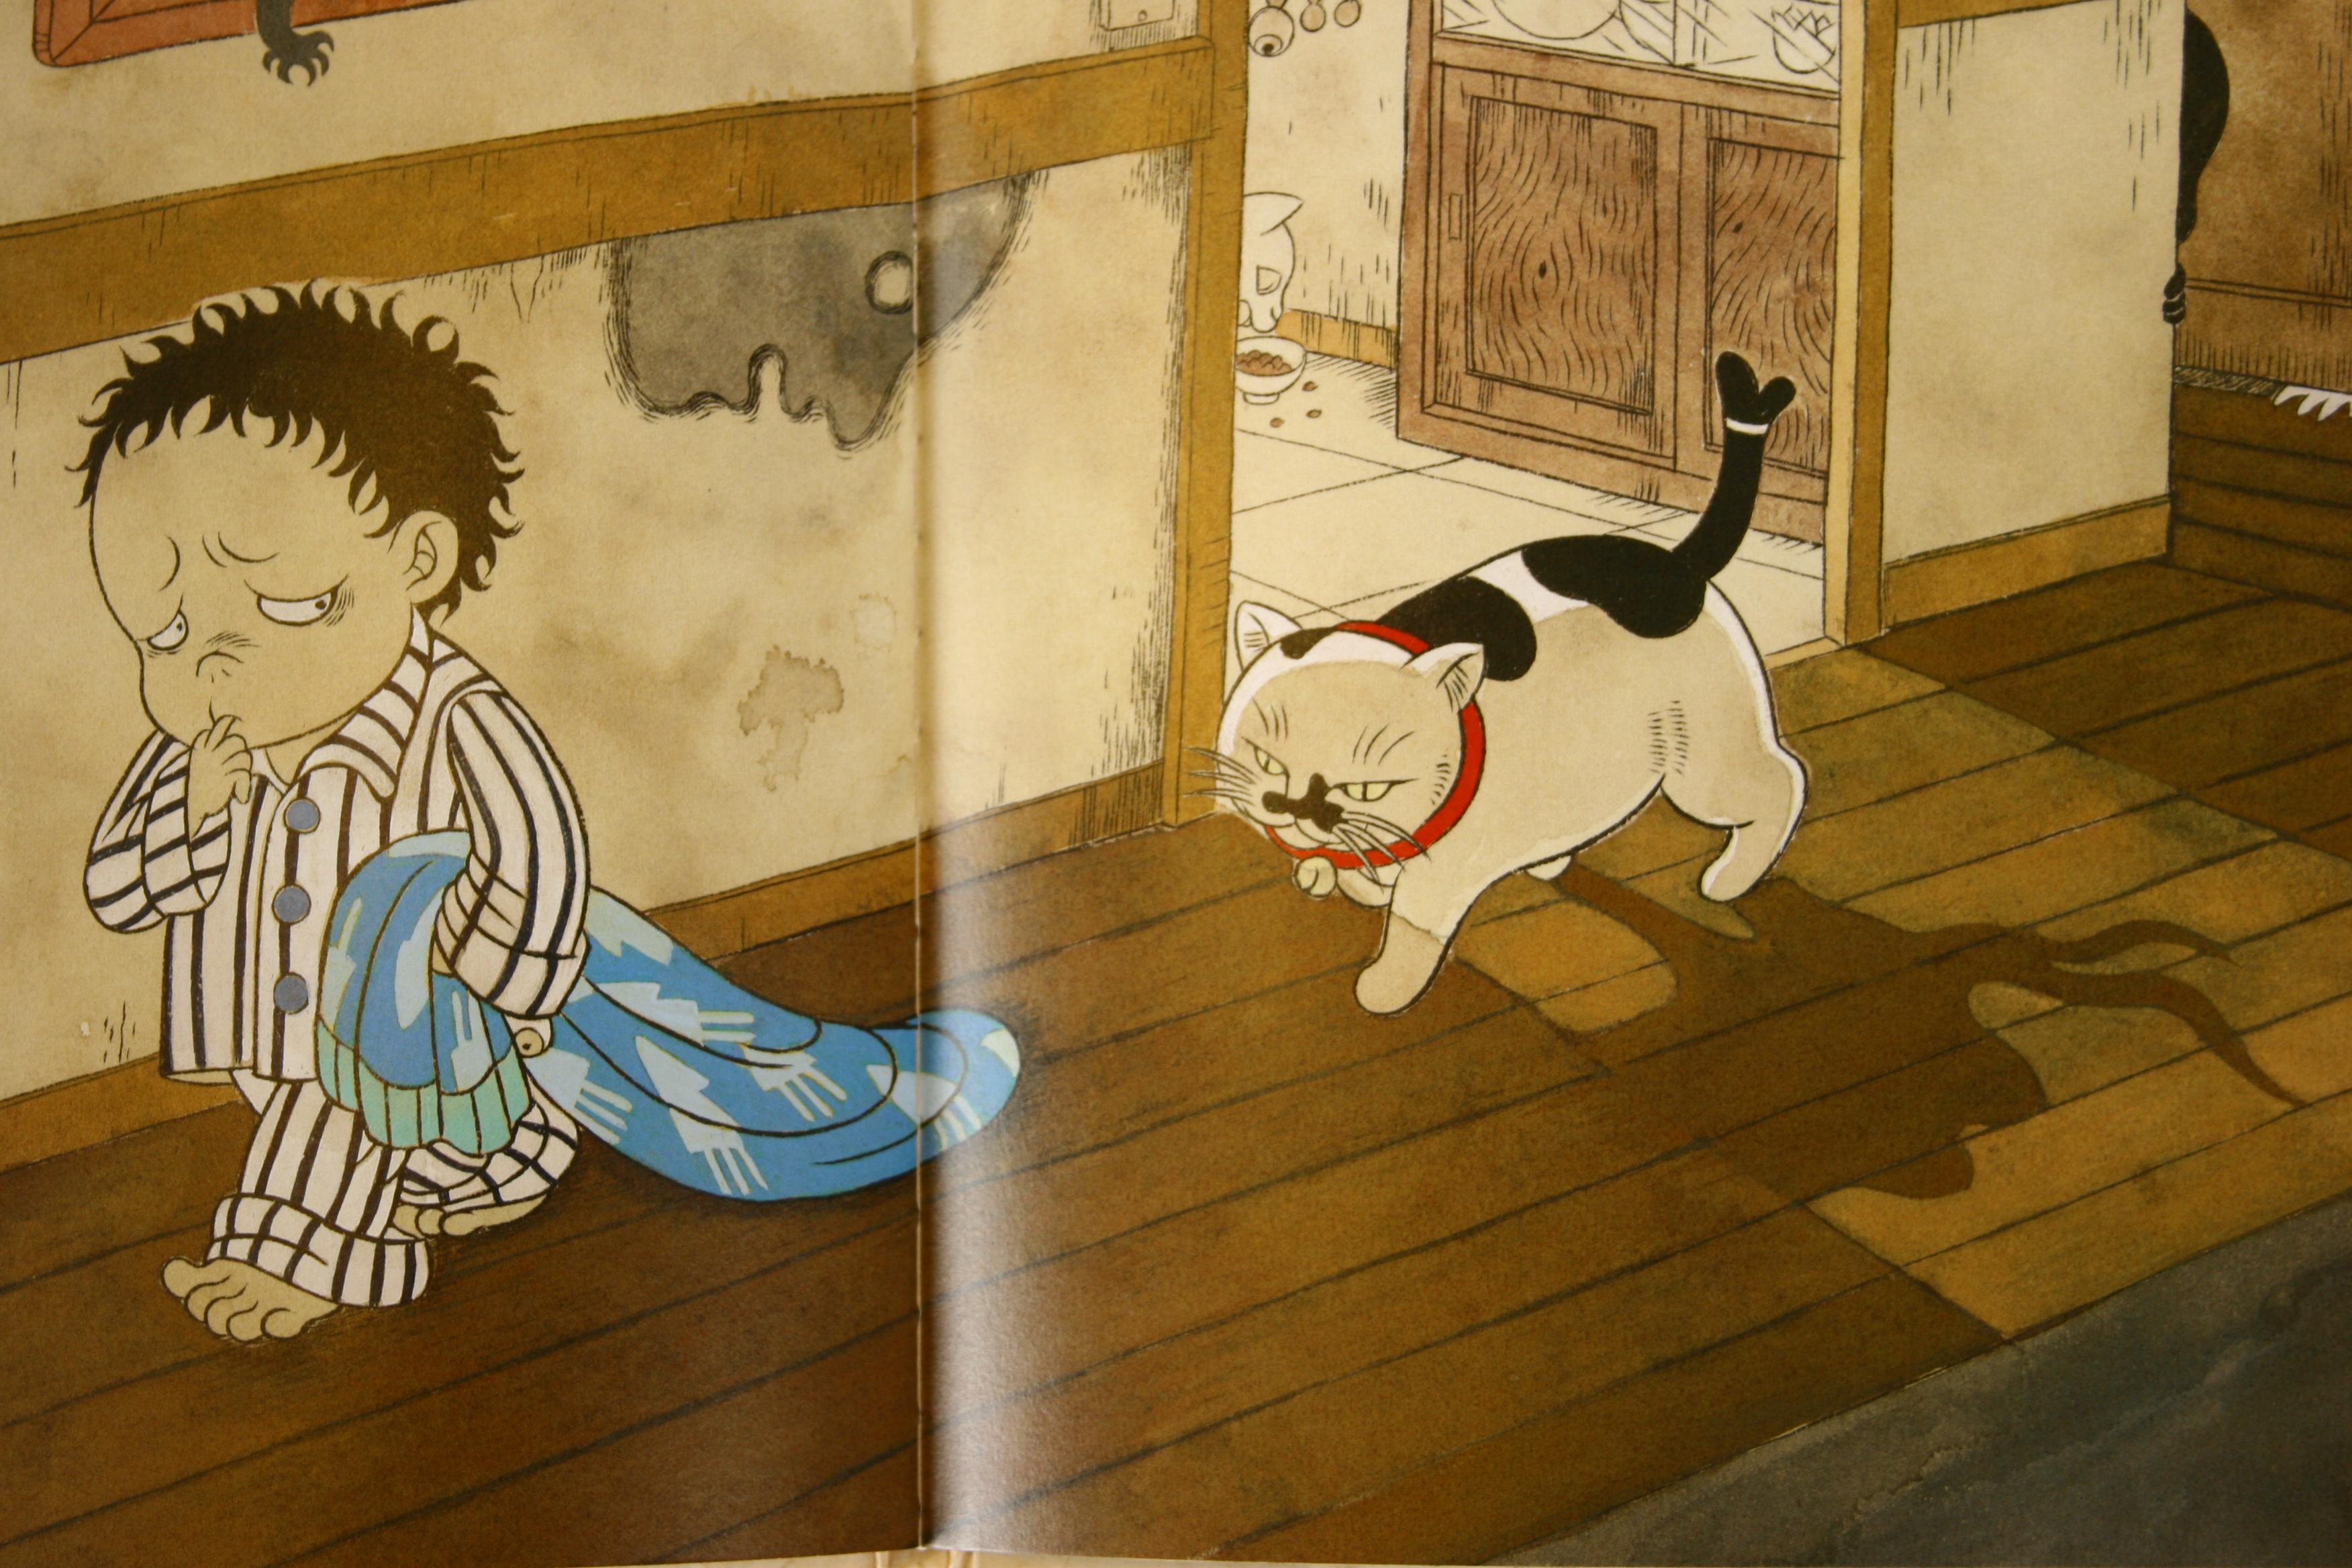 猫絵本 絵本 猫雑貨 秋田 かぎしっぽ とうふこぞう 石黒亜矢子